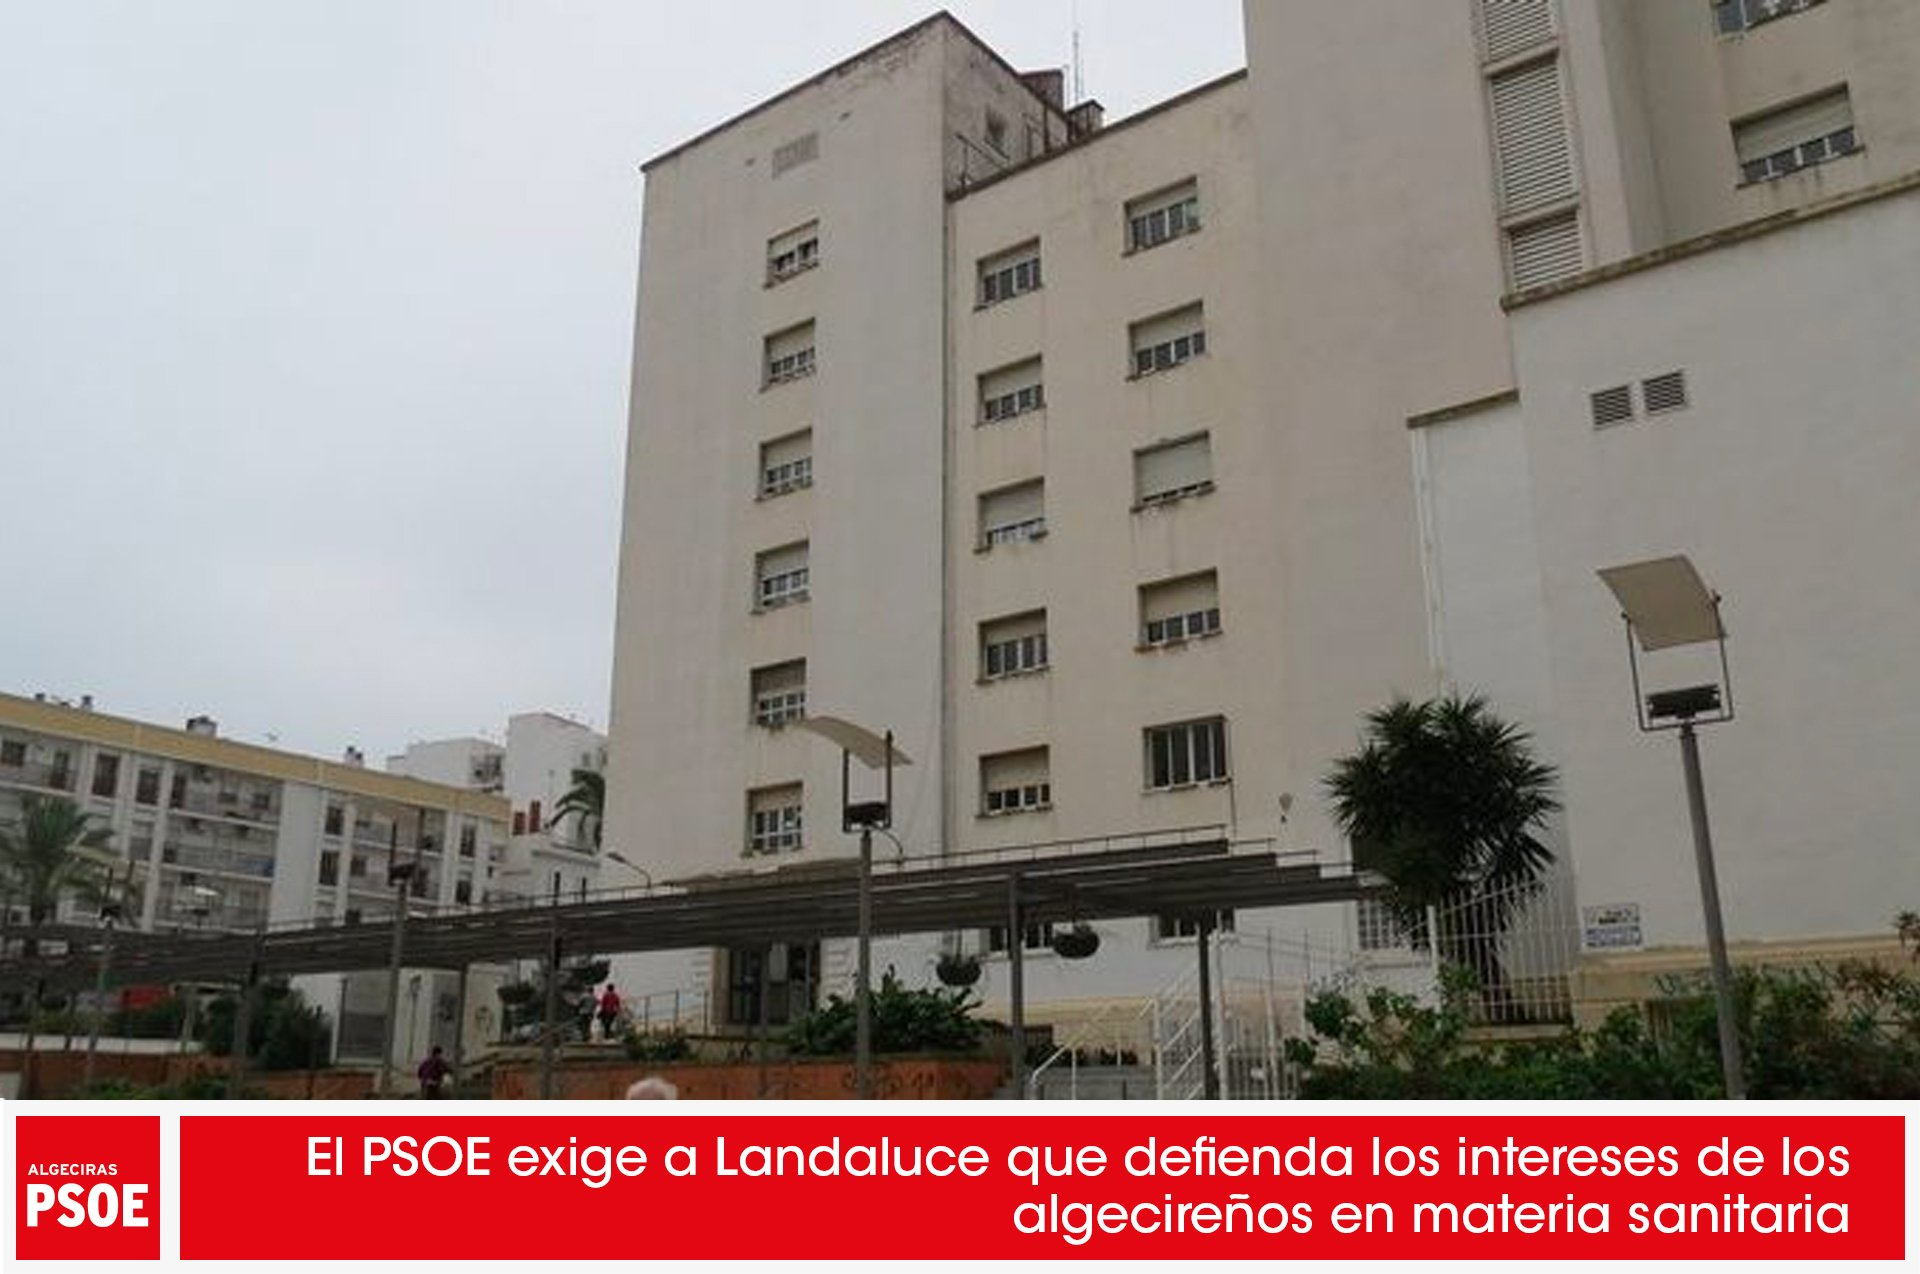 El PSOE exige a Landaluce que defienda los intereses de los algecireños en materia sanitaria